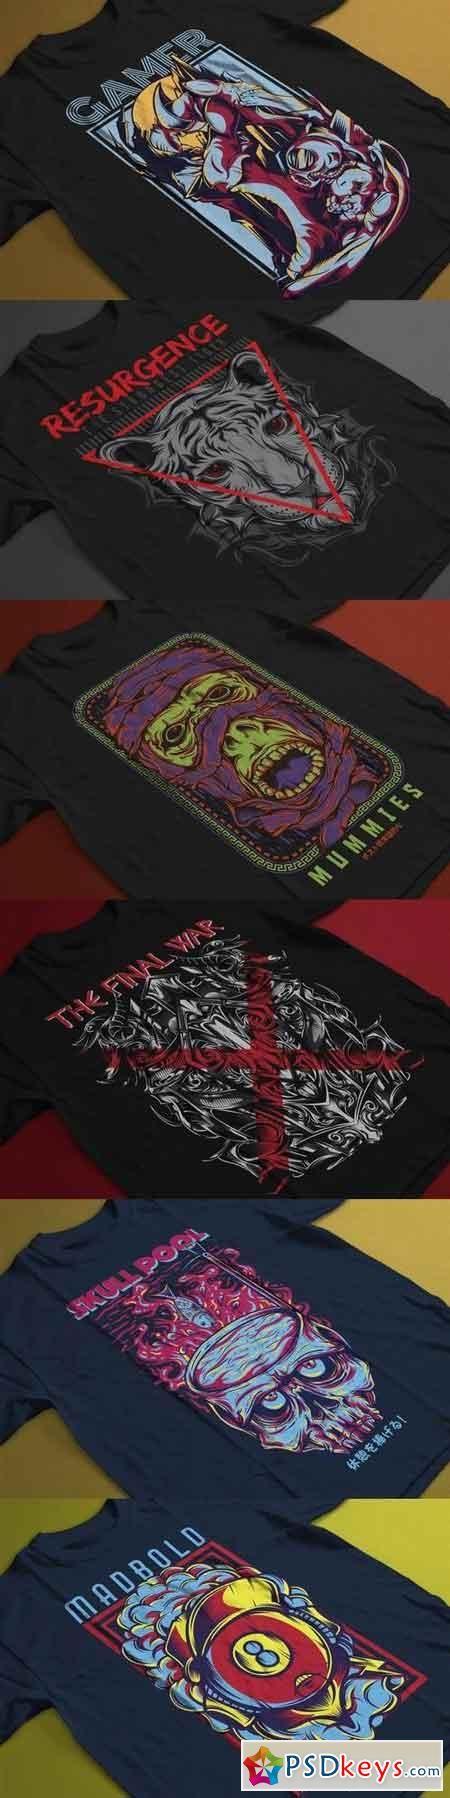 T-Shirt Design Template Bundle   psd keys   T shirt design template